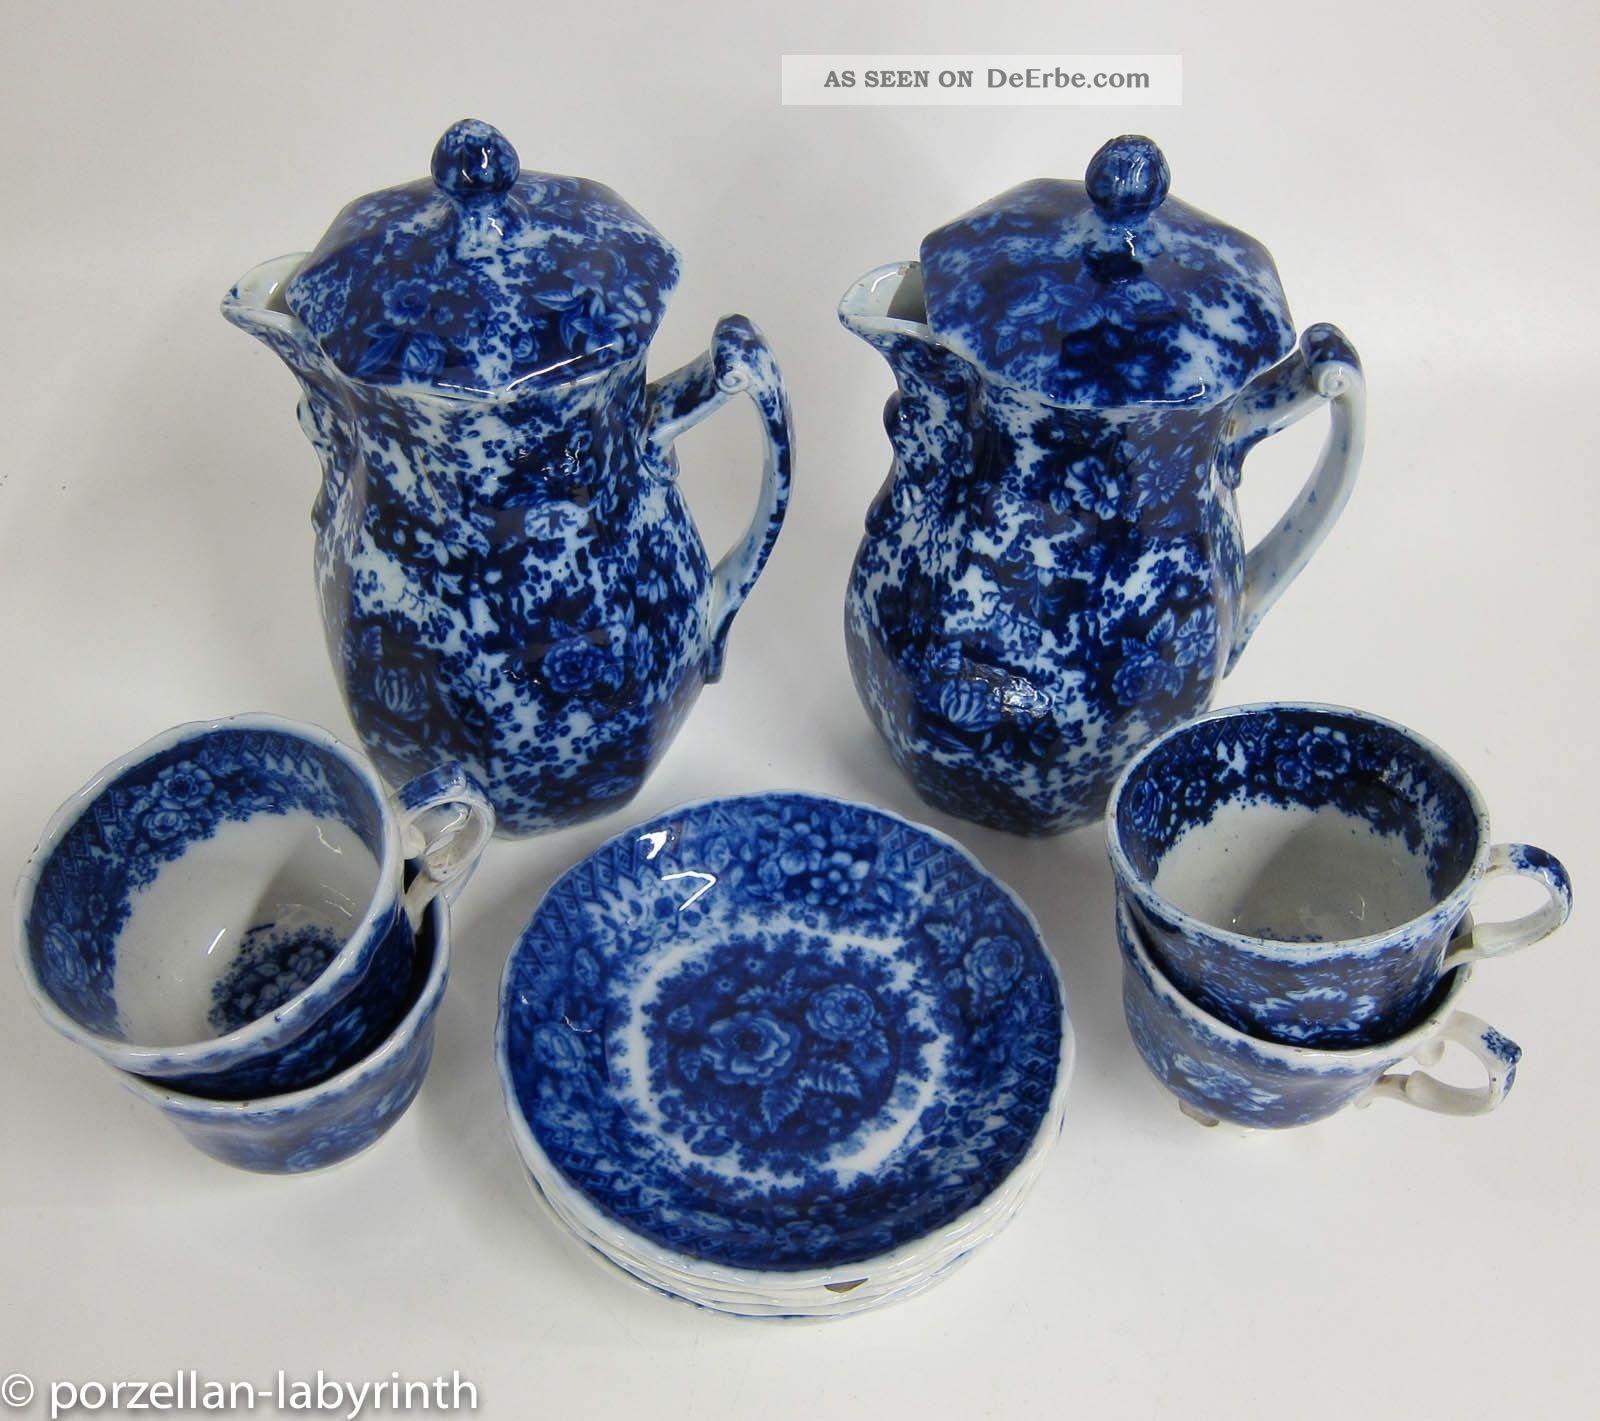 2 Kannen - 5 Tassen Mit Ut Gebr.  Horn Hornberg Keramik Um 1850 Tasse Kanne Blau Nach Stil & Epoche Bild